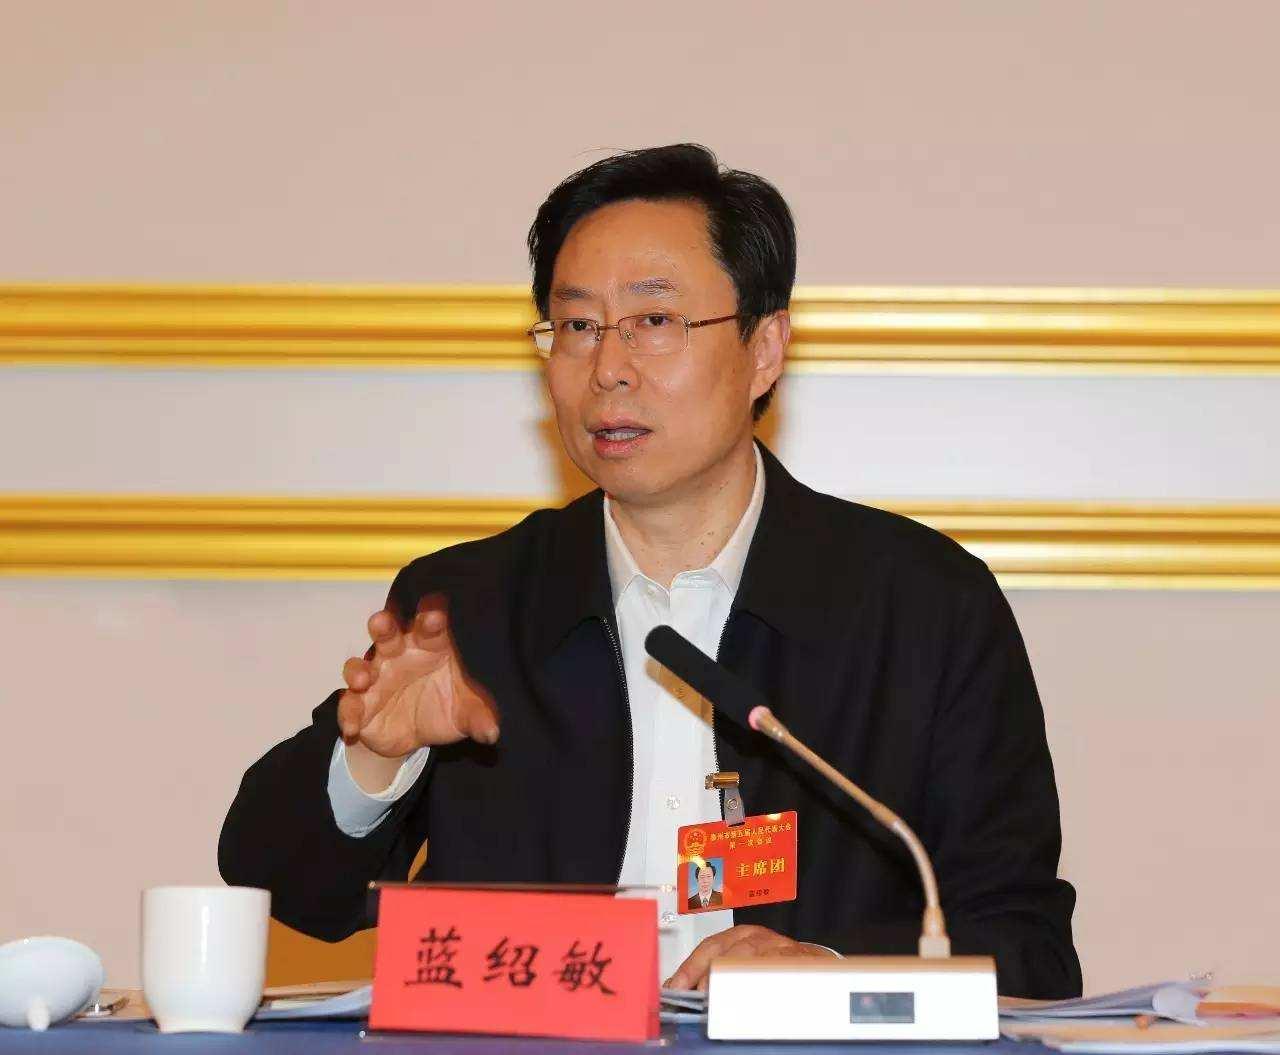 南京市长蓝绍敏任江苏省委常委,周乃翔、孟中康卸任常委